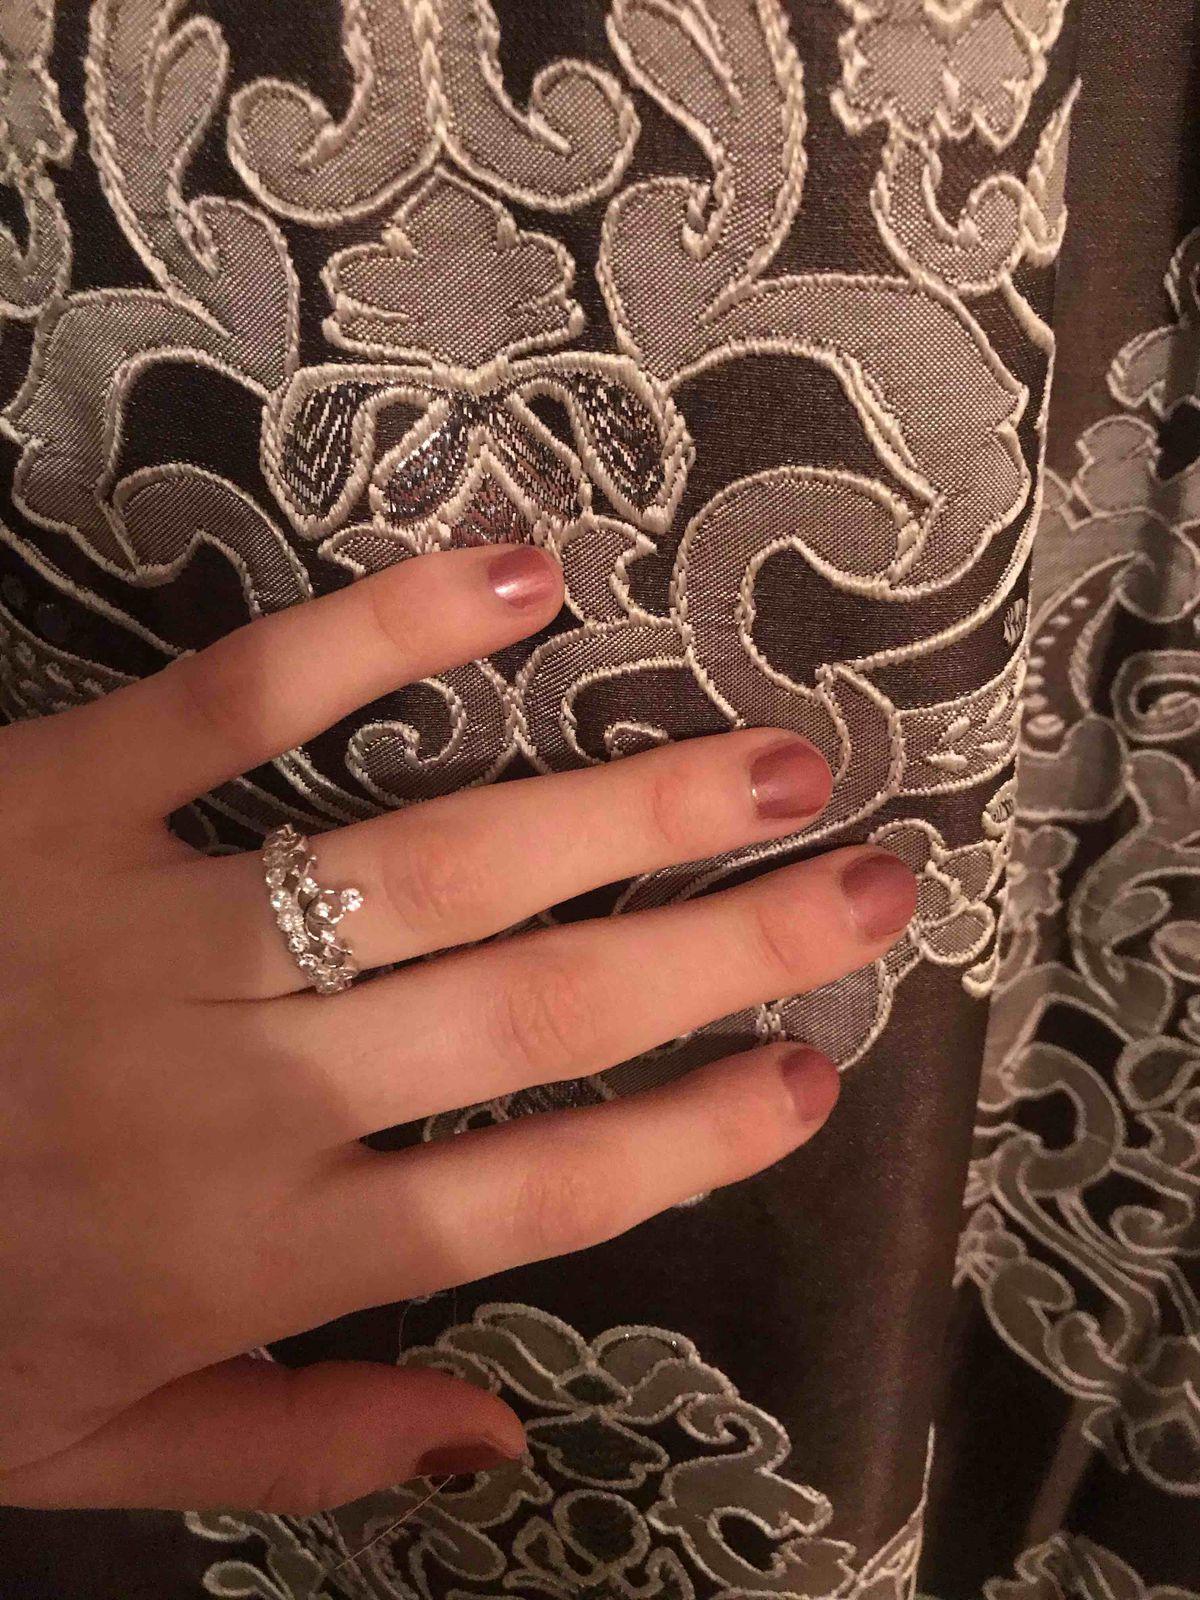 Отличное кольцо ,красиво смотрится 👍🏻👍🏻